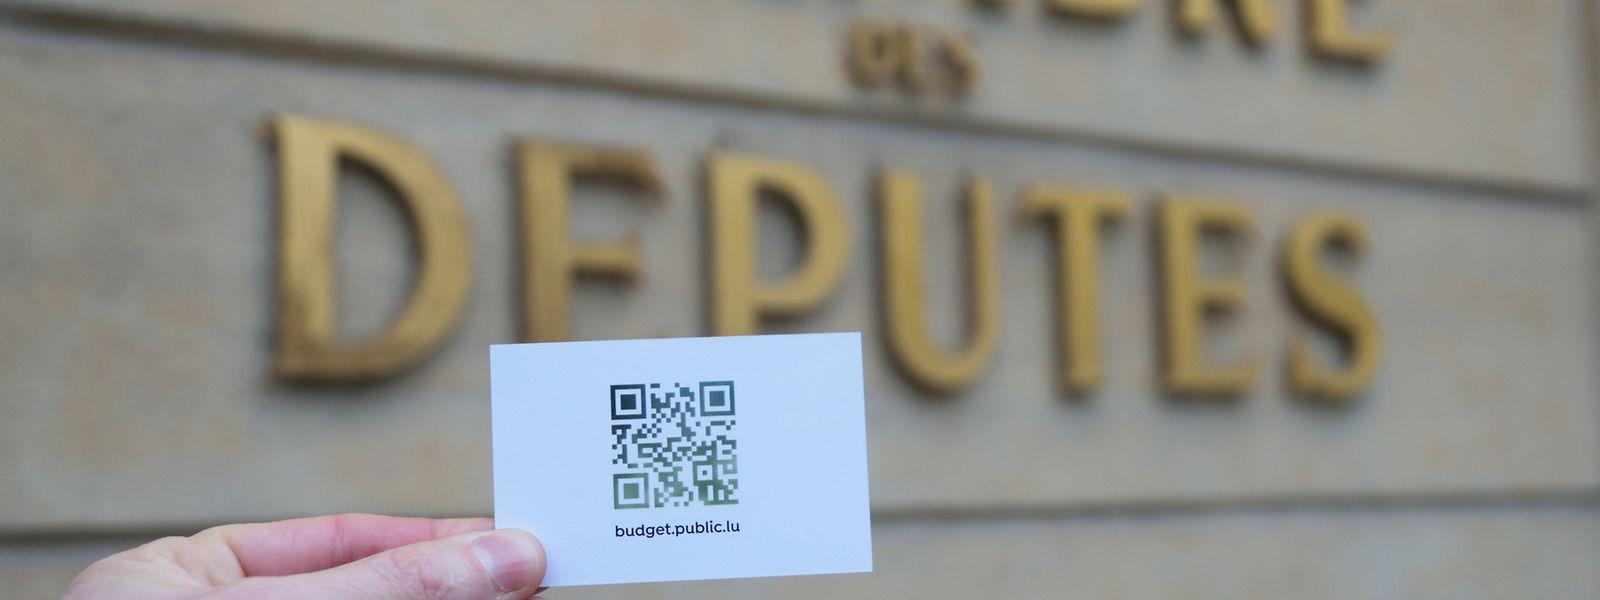 """""""Das Budget 2019 ist eine Visitenkarte unseres Landes"""", so Pierre Gramegna bei der Vorstellung des Haushaltsentwurfes. Dieses Jahr wurde das Dokument in der Form eines QR-Codes vorgestellt."""